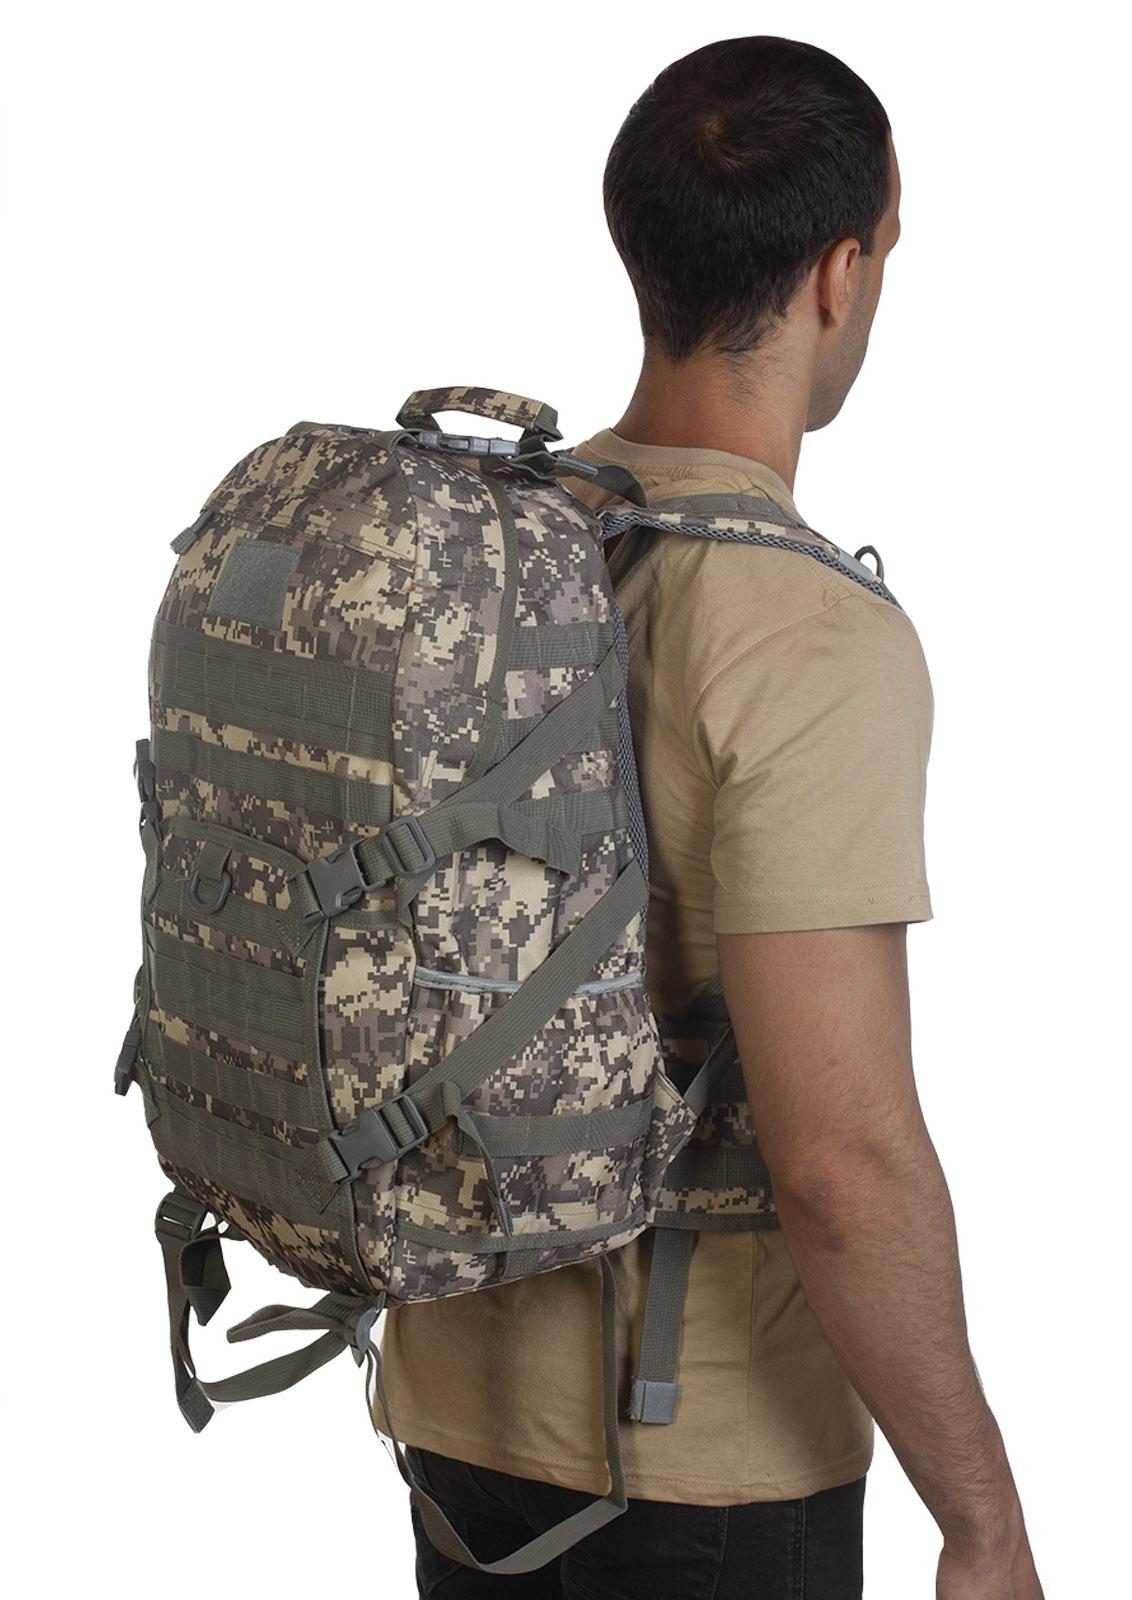 Армейский тактический рюкзак камуфляж ACU с доставкой по России